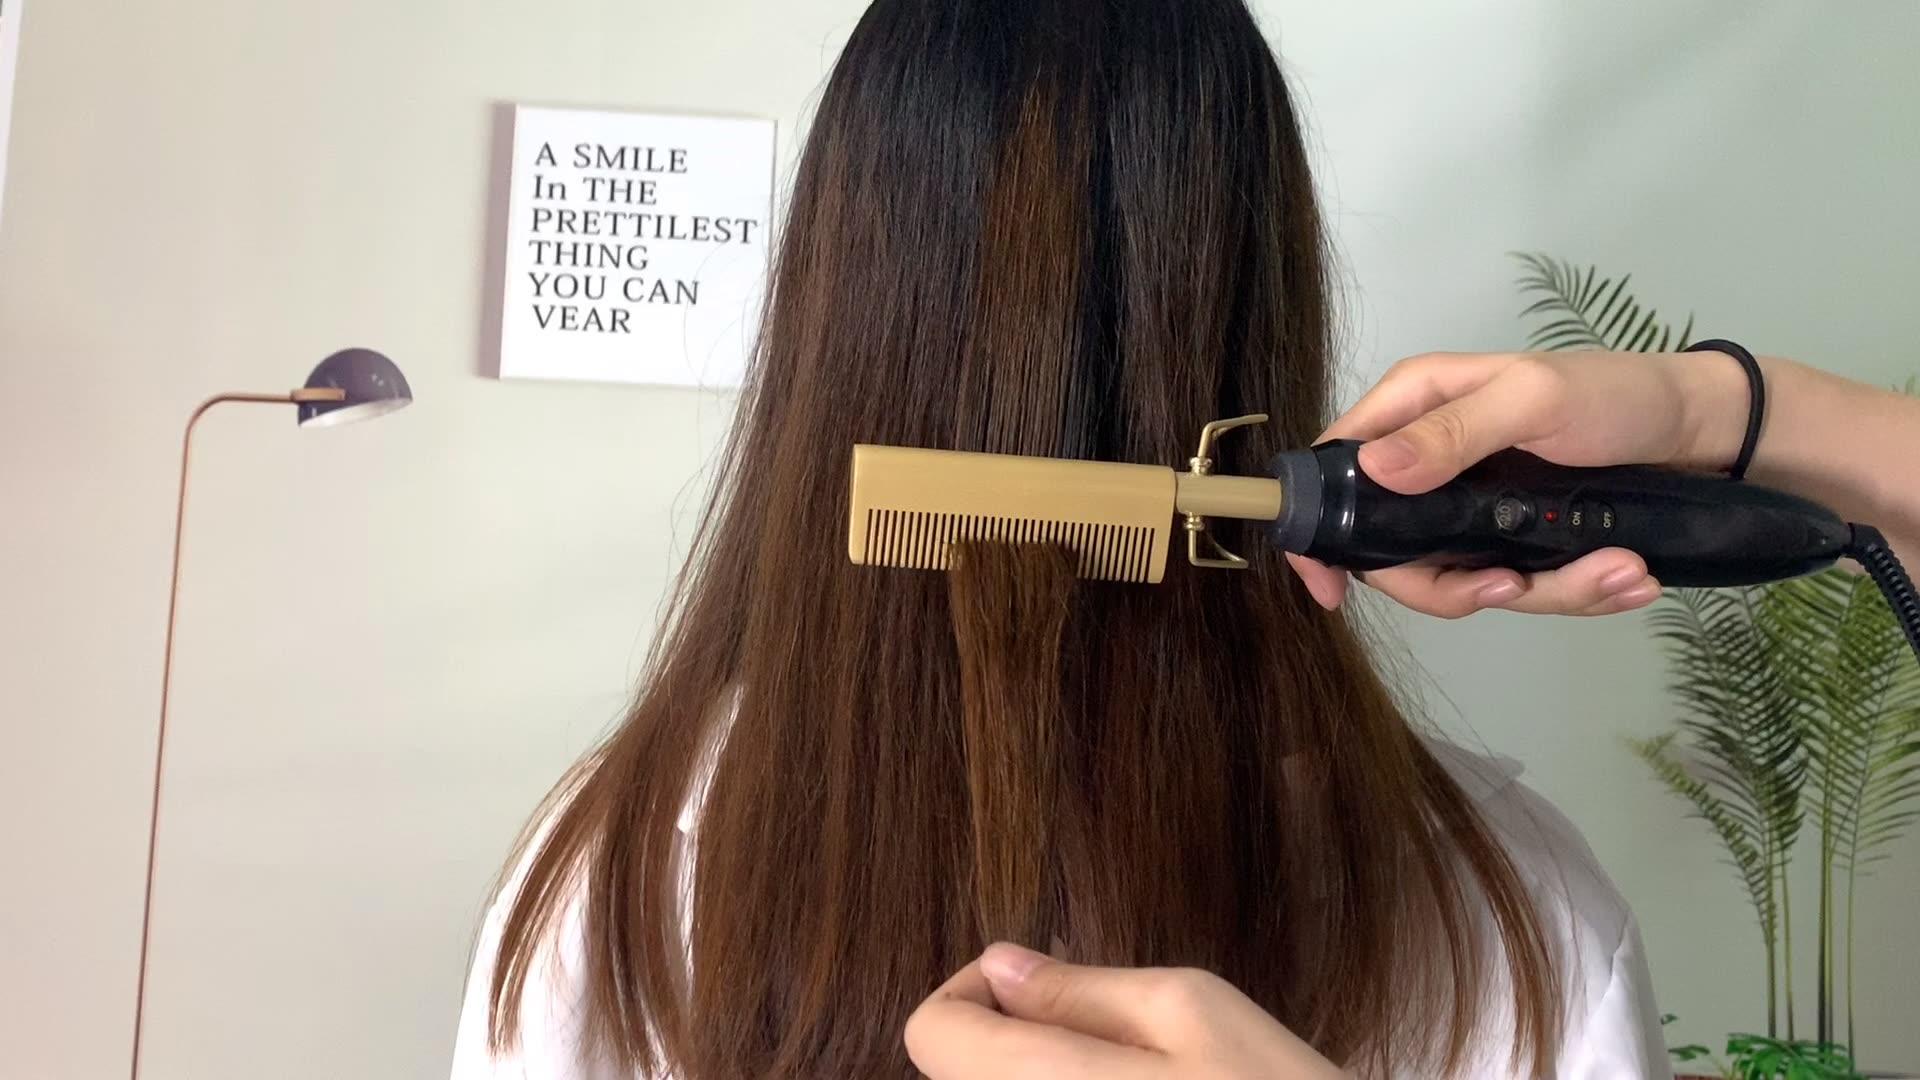 Elektrik biti tarak Marcel bukle makinesi düz saç Combs Salon için